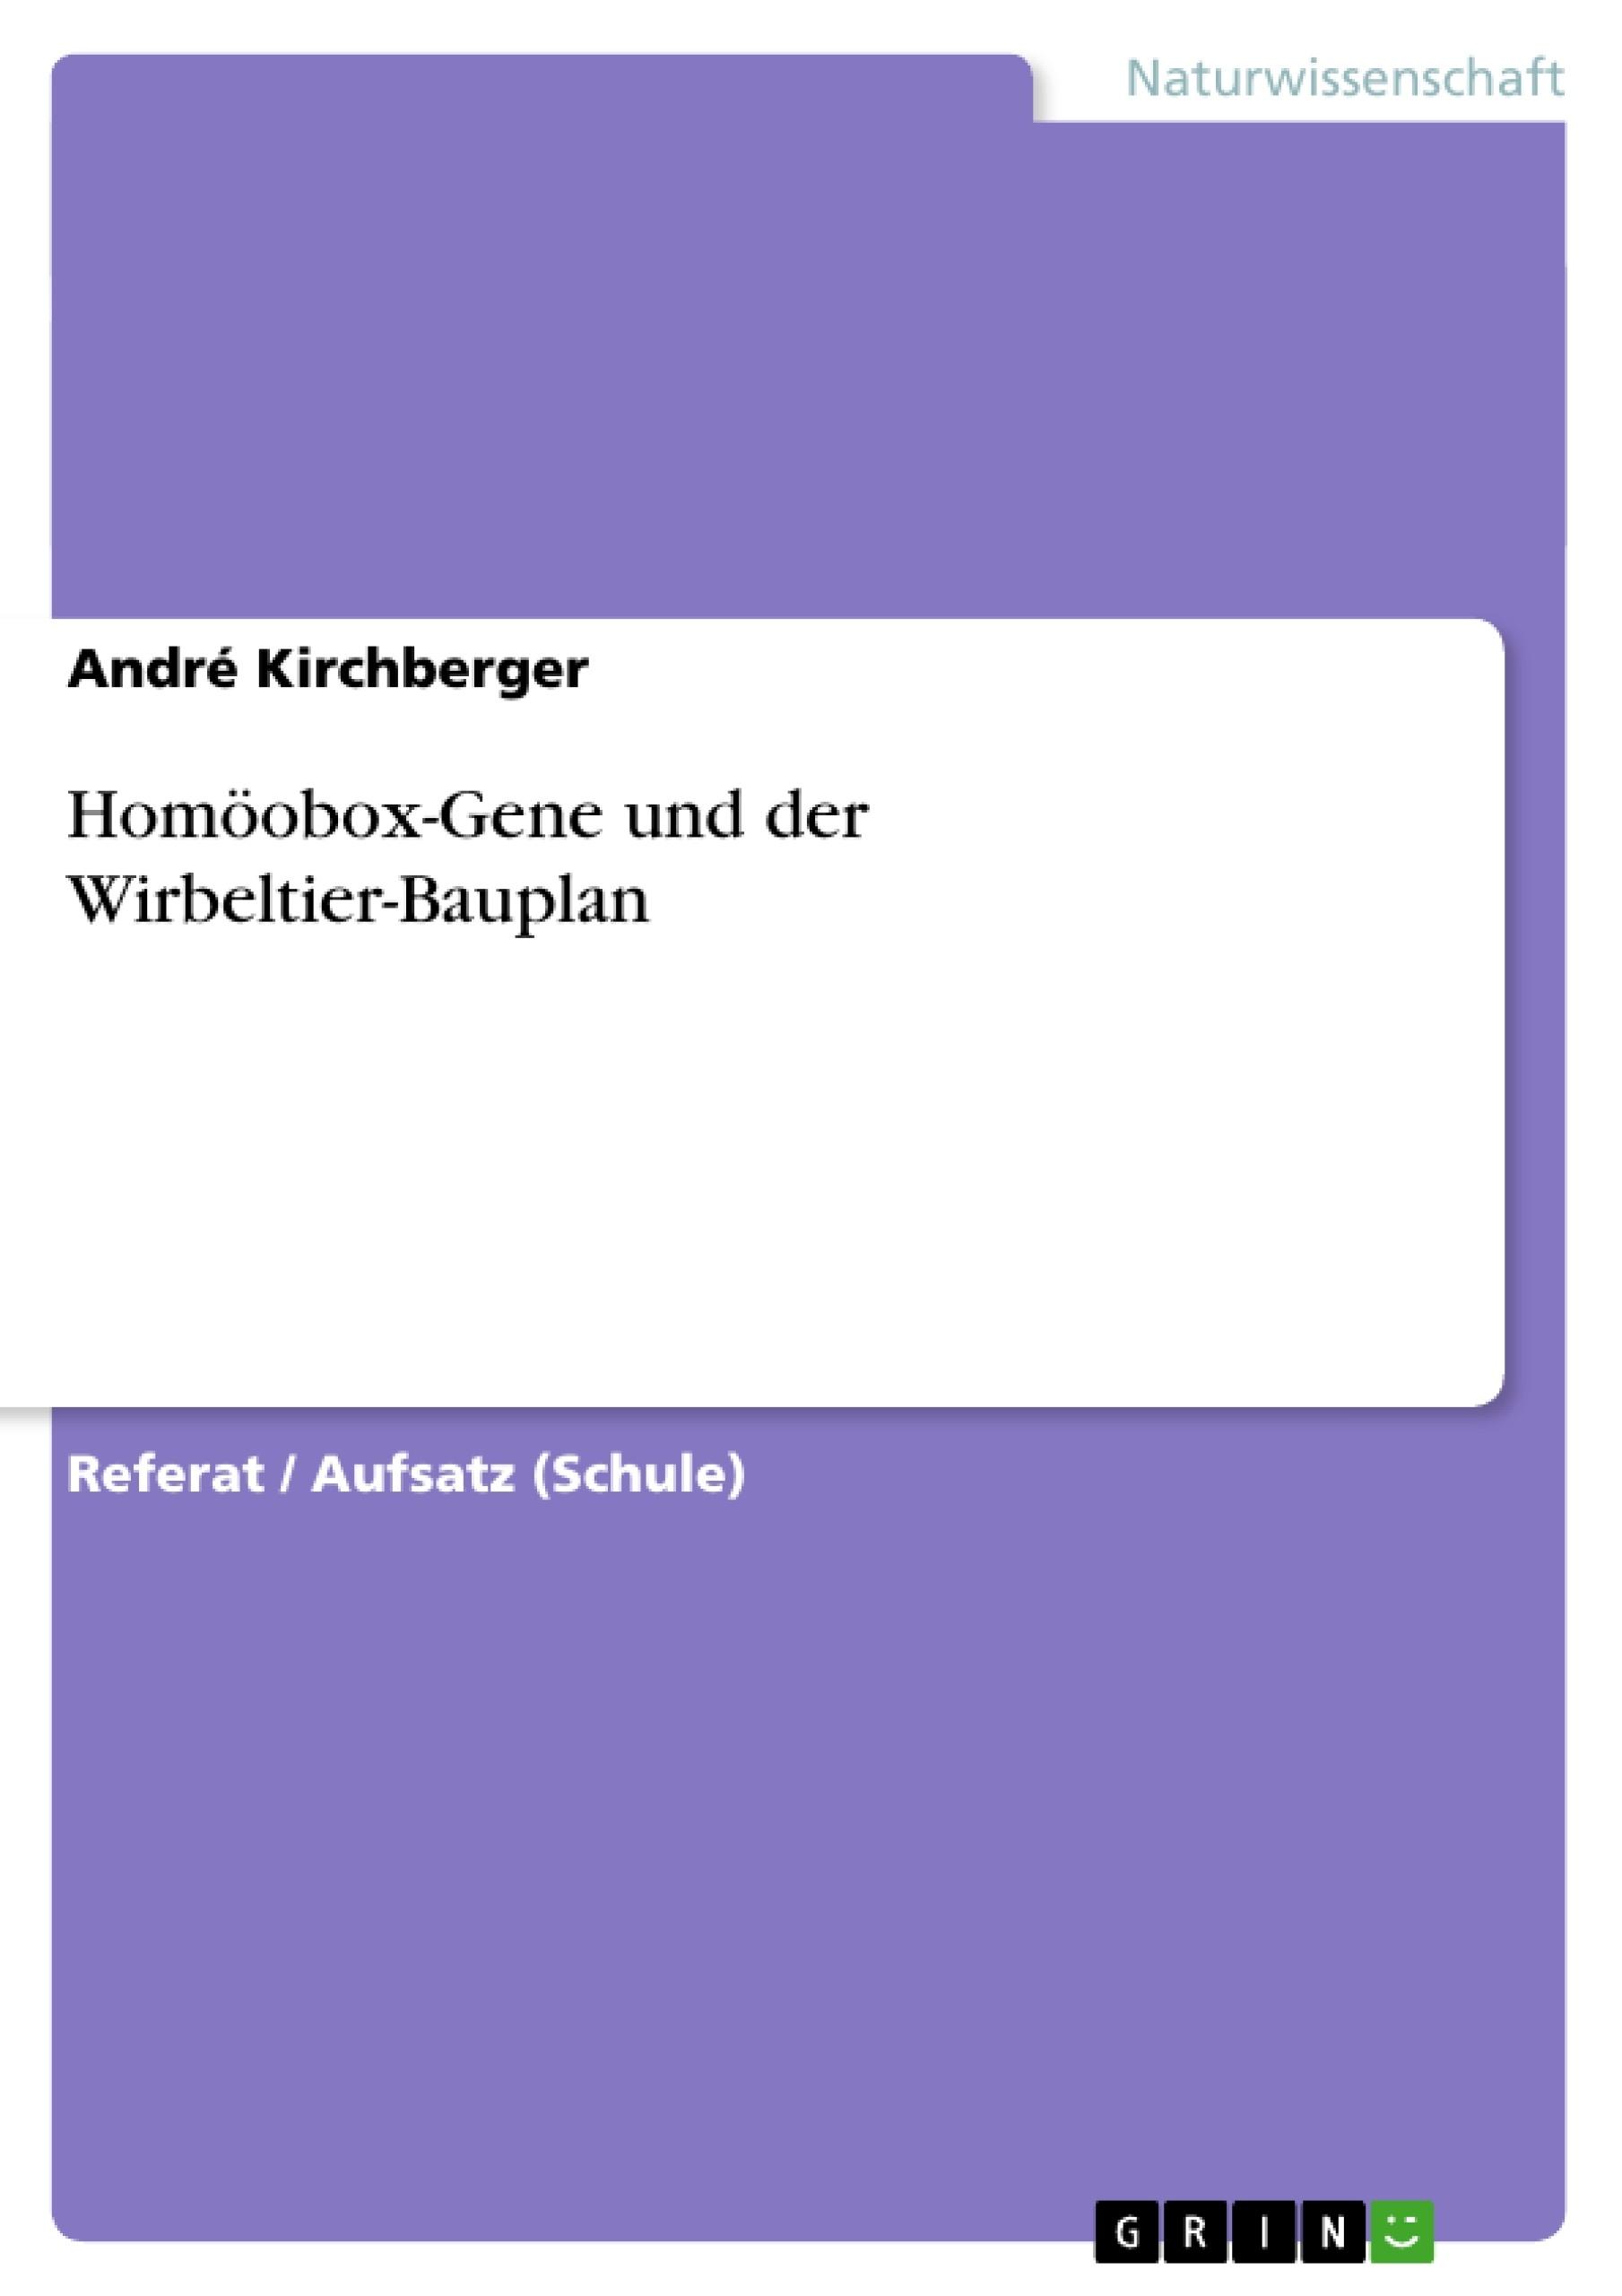 Titel: Homöobox-Gene und der Wirbeltier-Bauplan